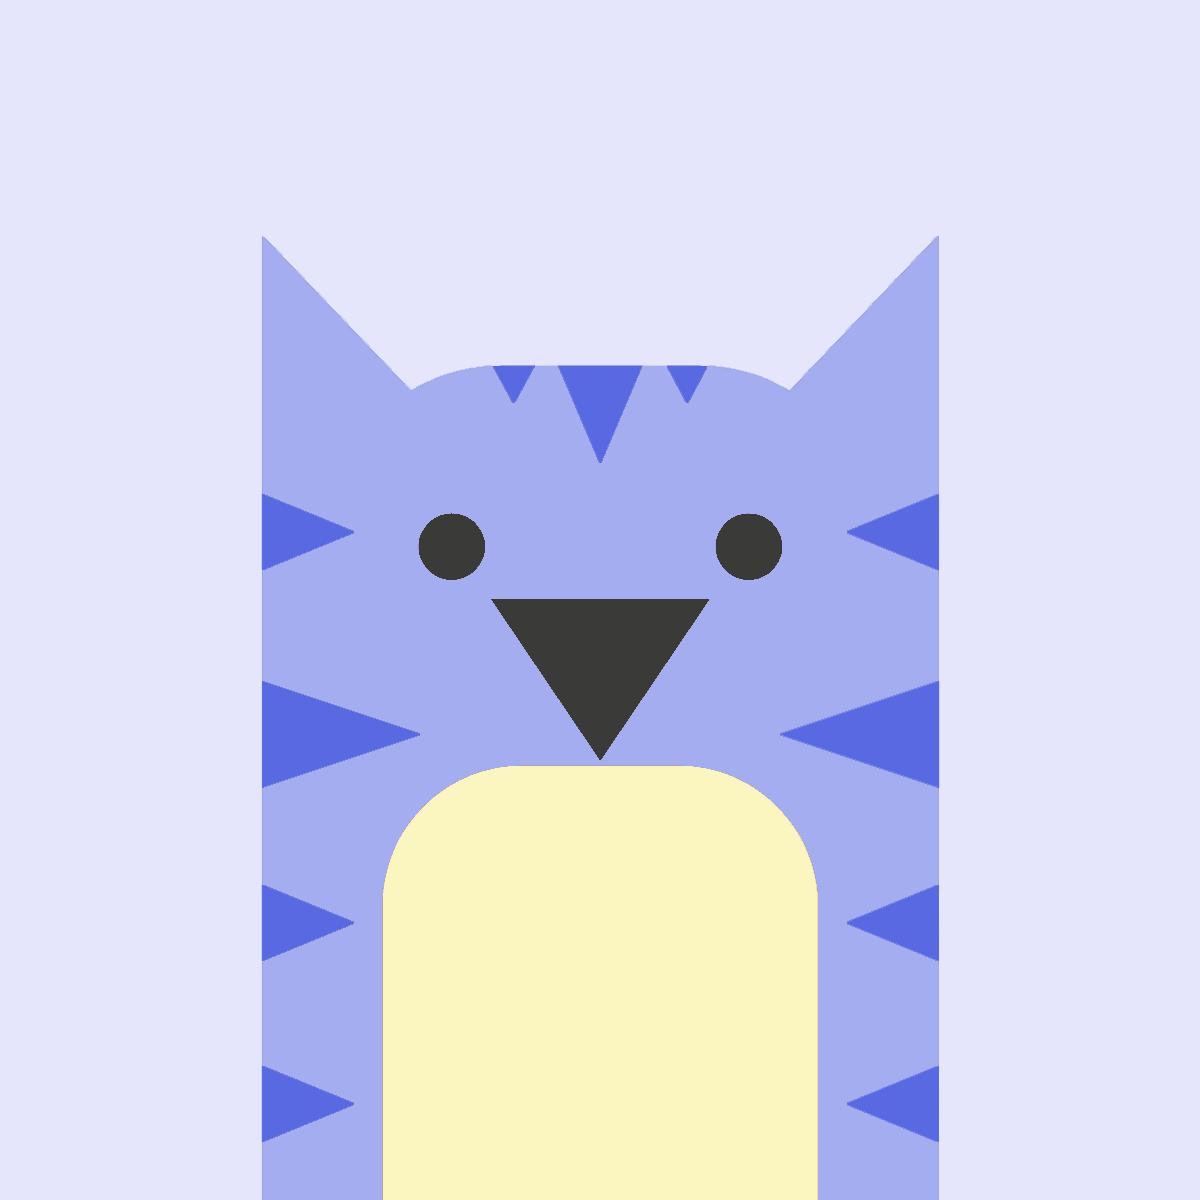 Kapwing icon